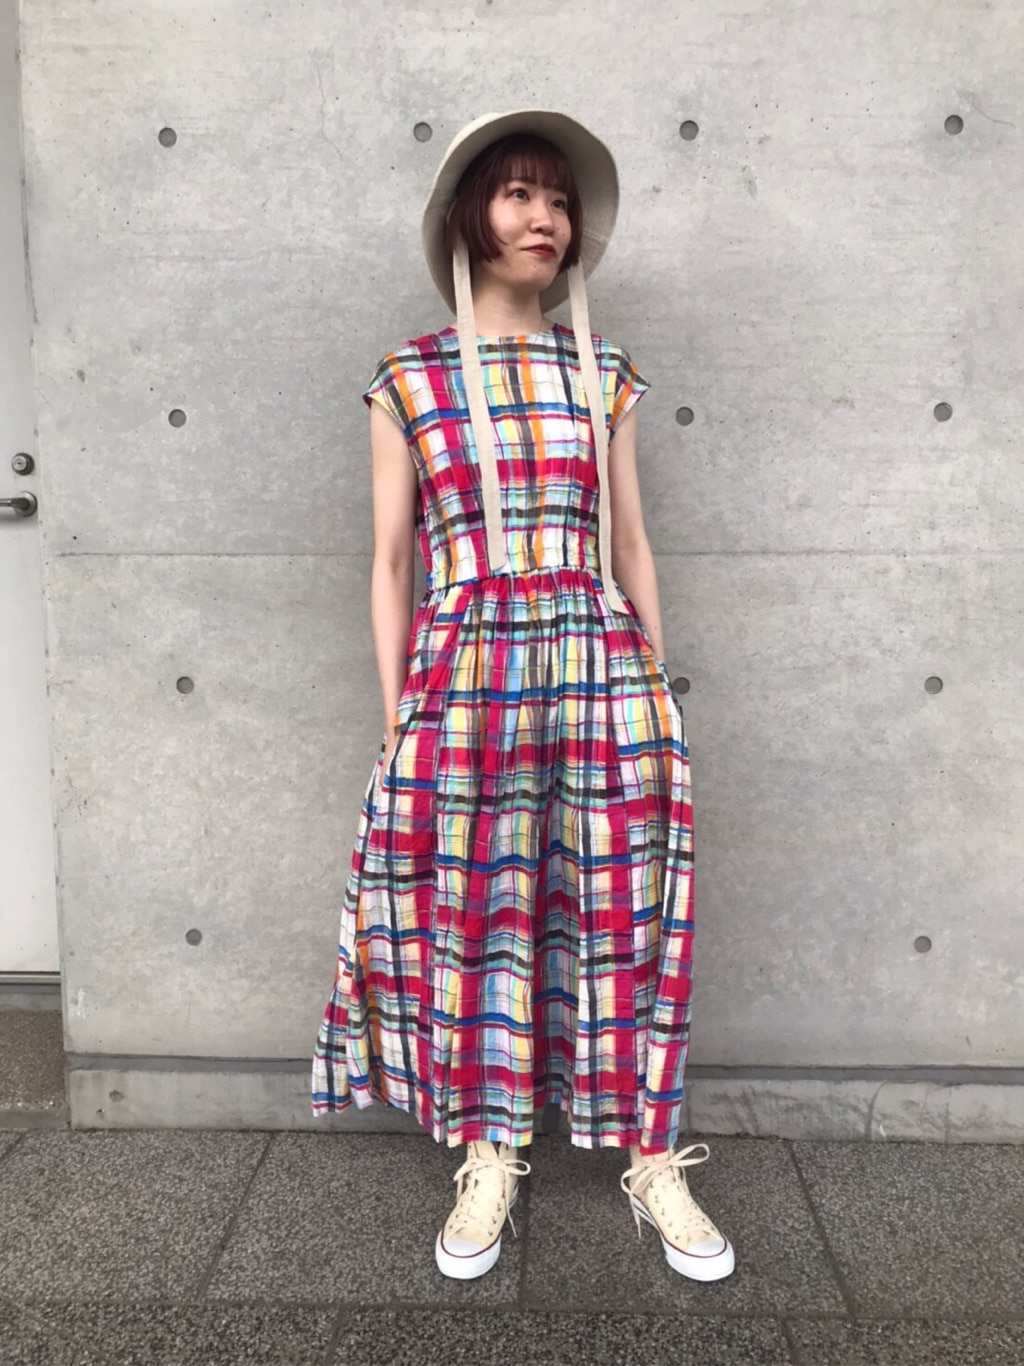 東京スカイツリータウン・ソラマチ 2020.06.11